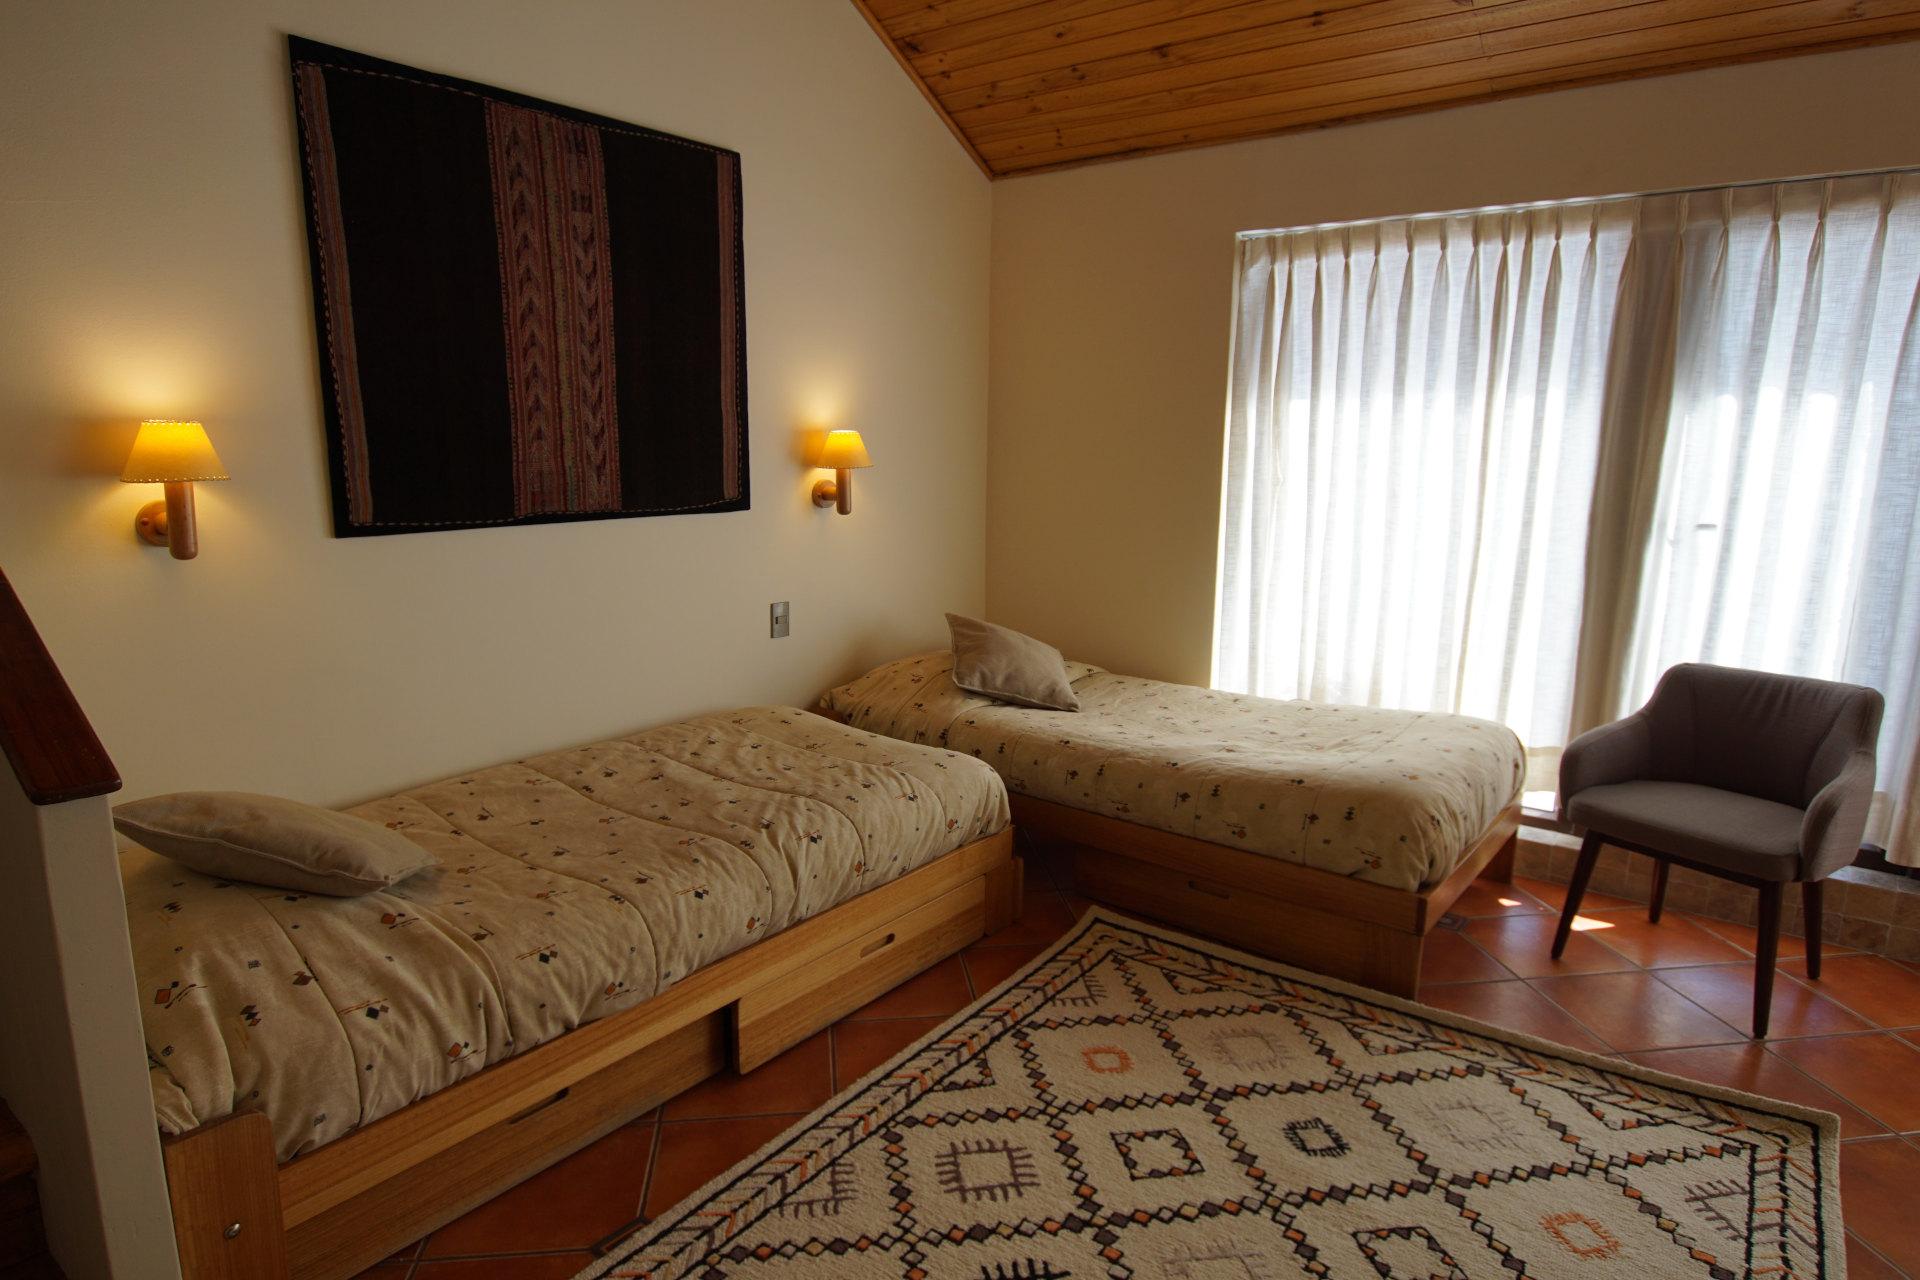 Sala con dos camas - Departamento Tipo B 221